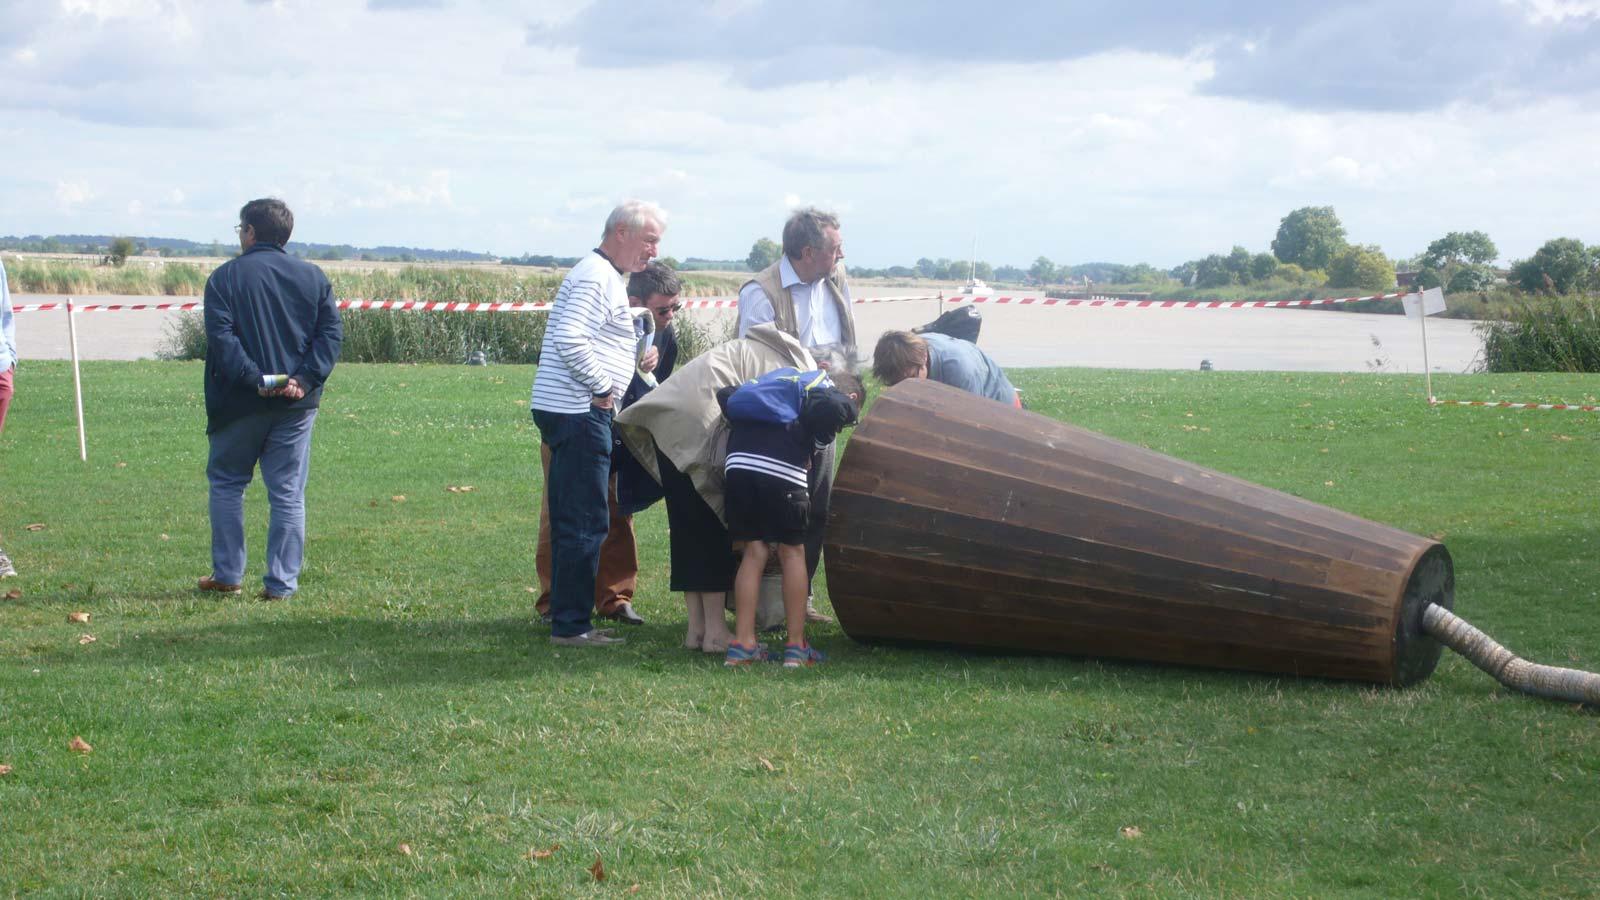 Les visiteurs sont invités à écouter les sons extraits du sol - Rochefort - Charente-Maritime